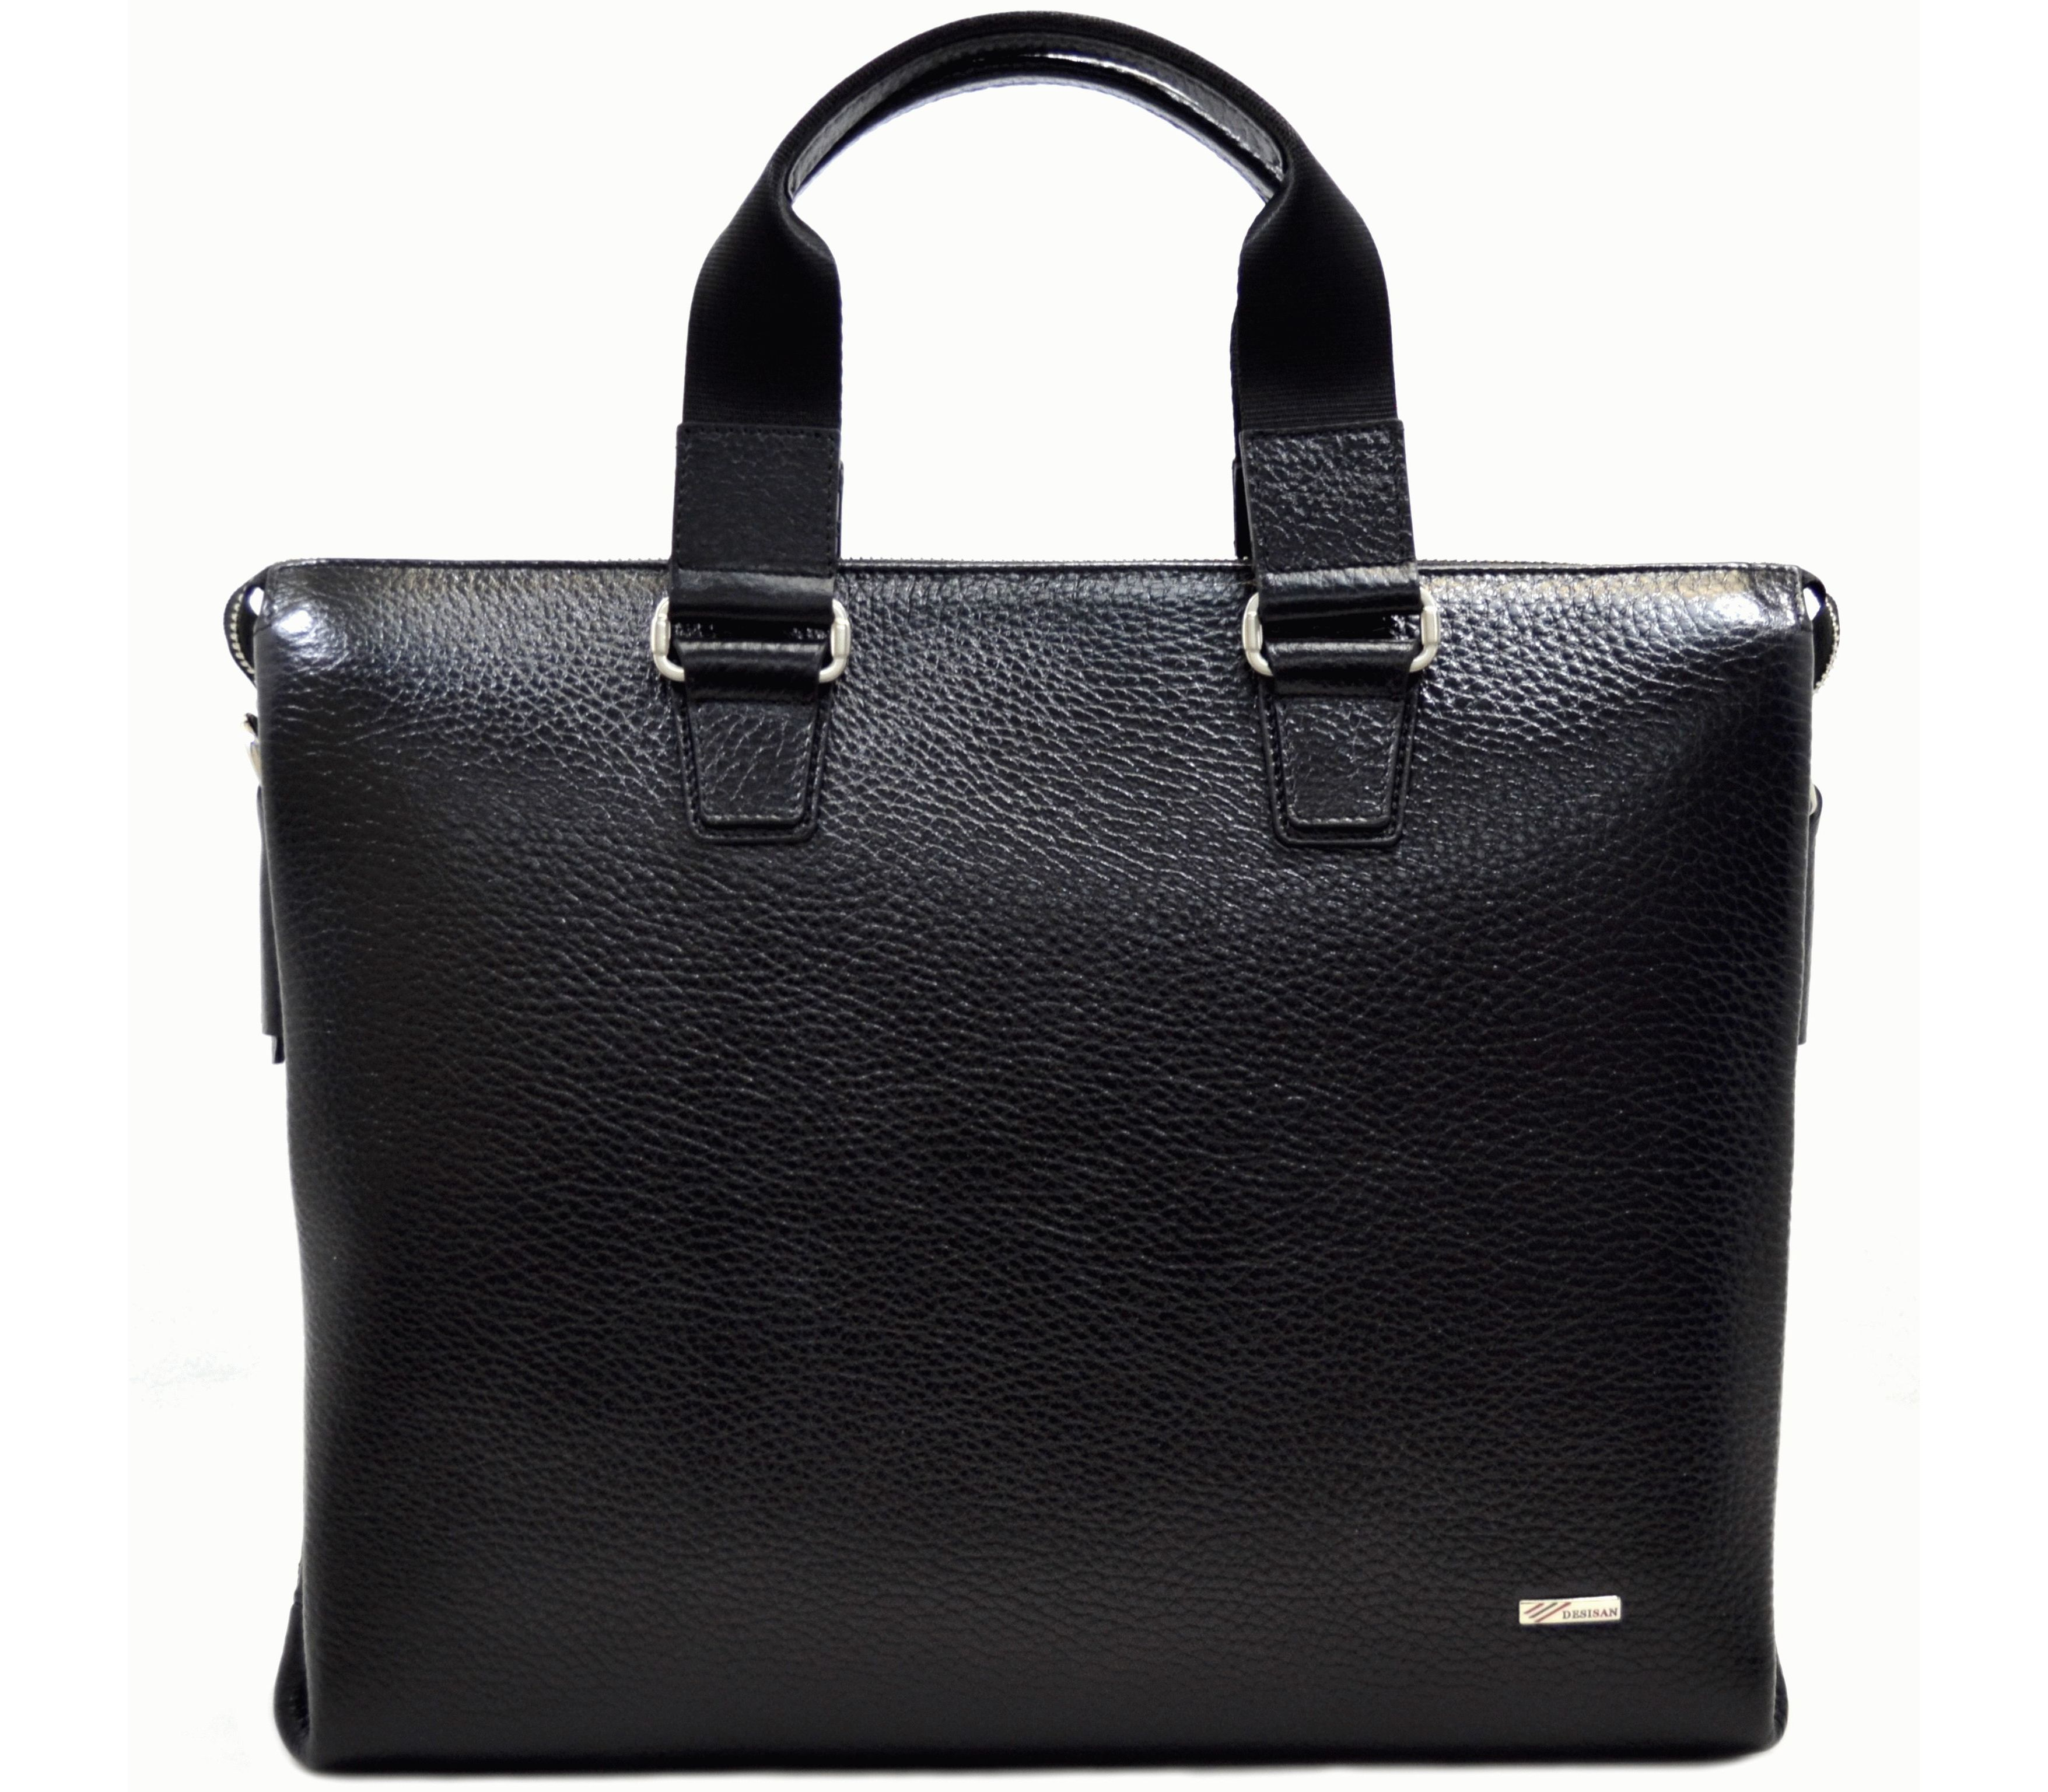 6f2a777827d7 Портфель кожаный desisan черный 1341-011black - купить в Украине ...